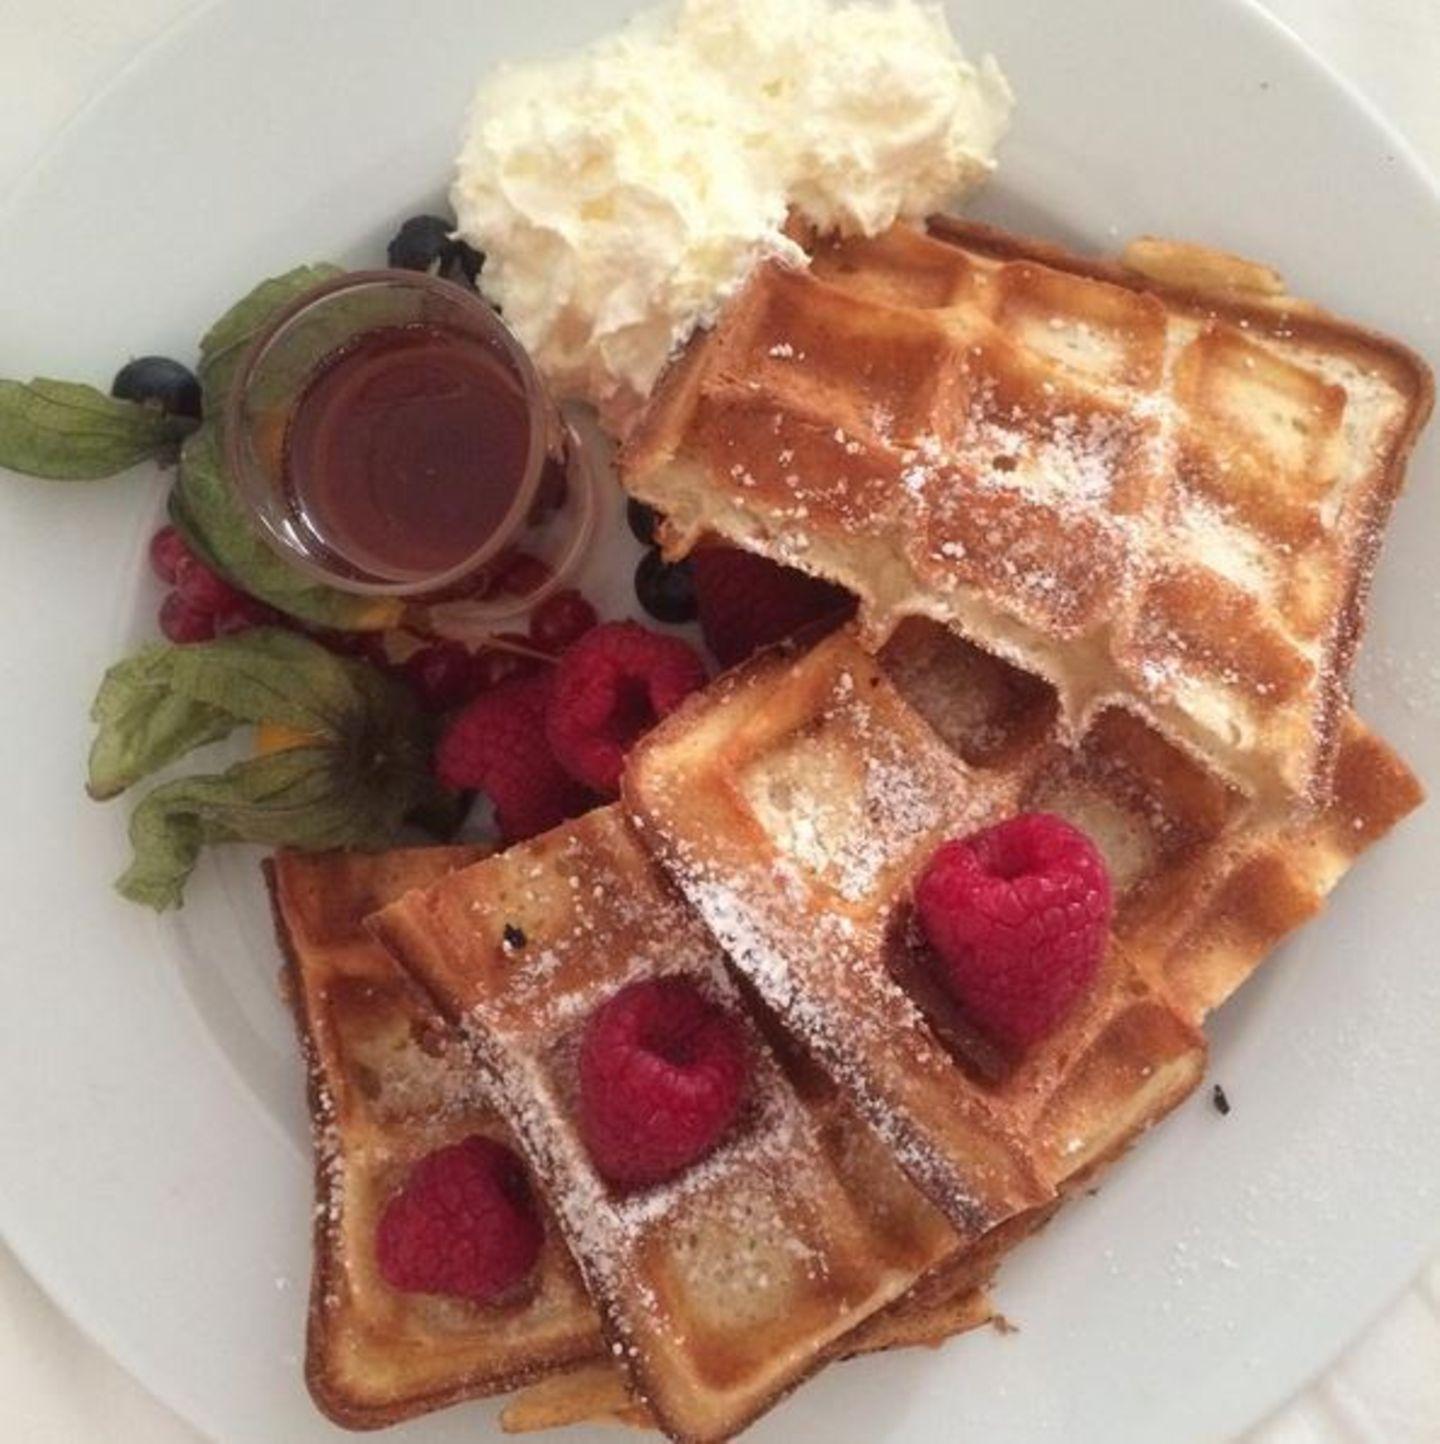 Der dritte Tag beginnt für Rebecca Mir mit einem süßen Frühstück. Zwischen all den Shows auch noch Kalorien zählen? Das muss nun wirklich nicht sein! Vor allem nicht bei ihrer Topfigur.